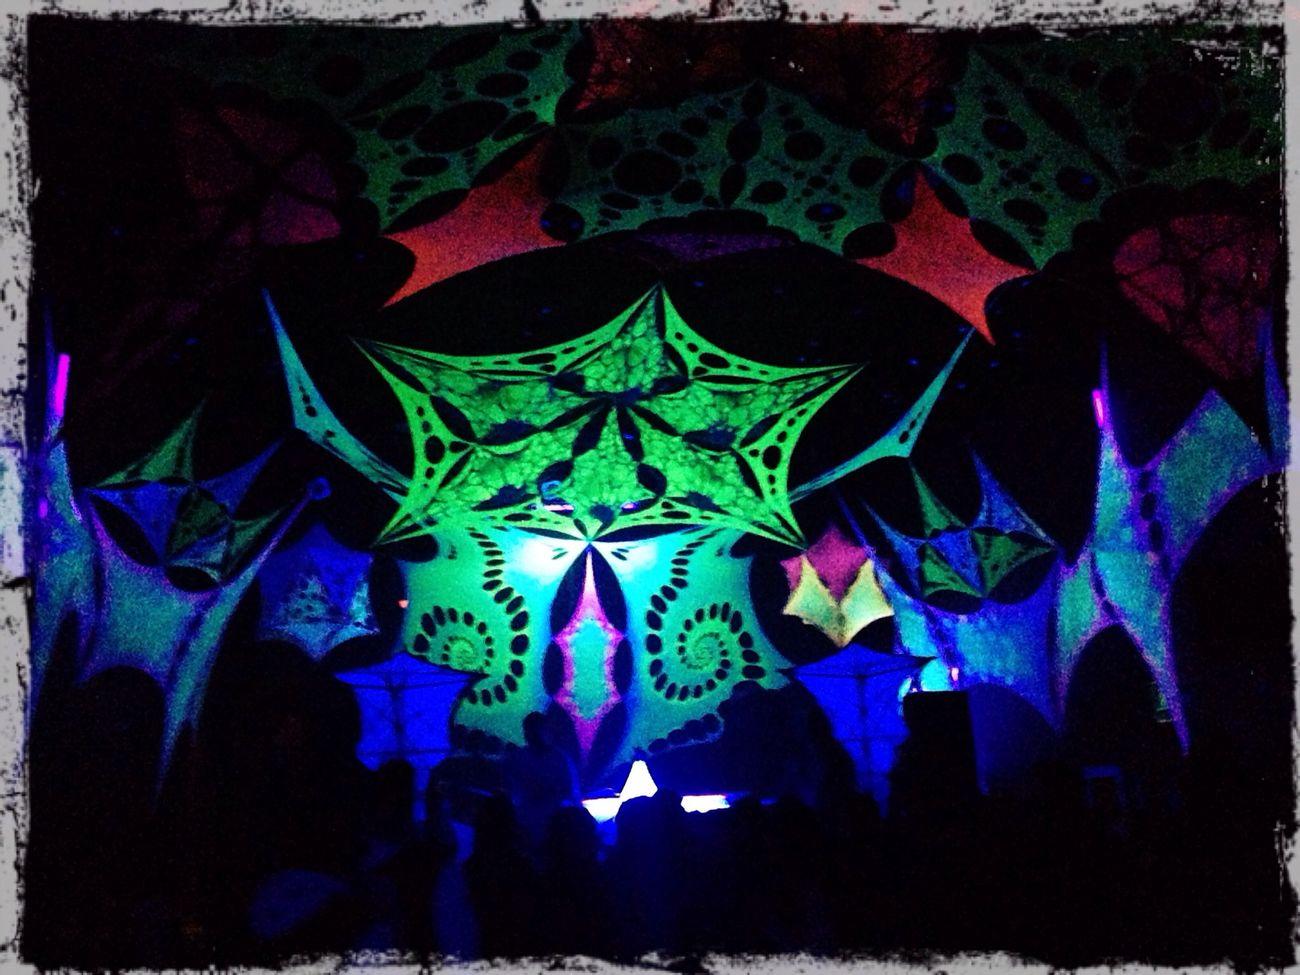 Las Dalias Ibiza Psychedelic Trance